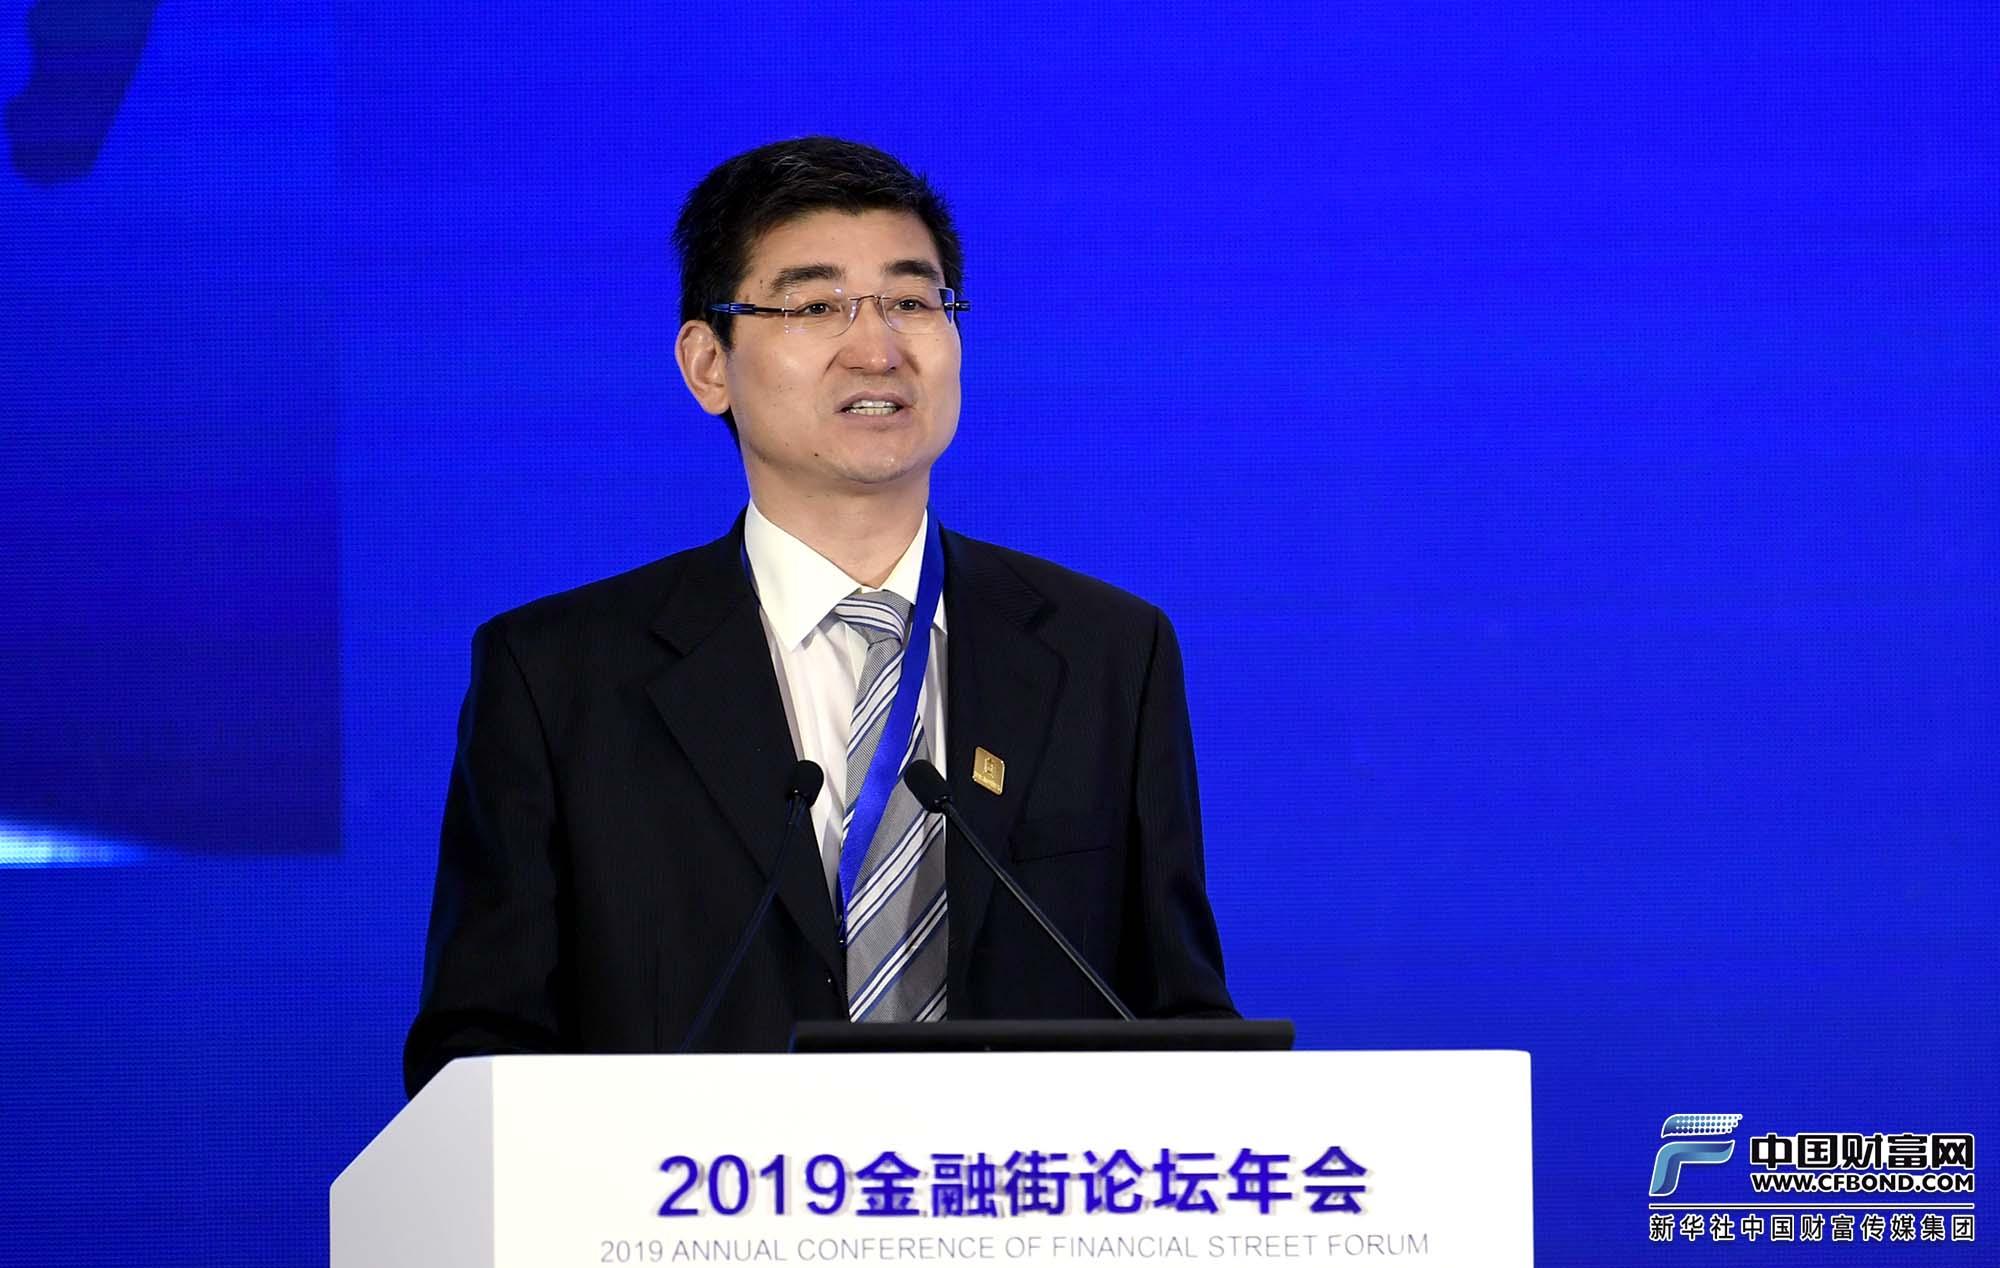 中证金融研究院院长刘青松